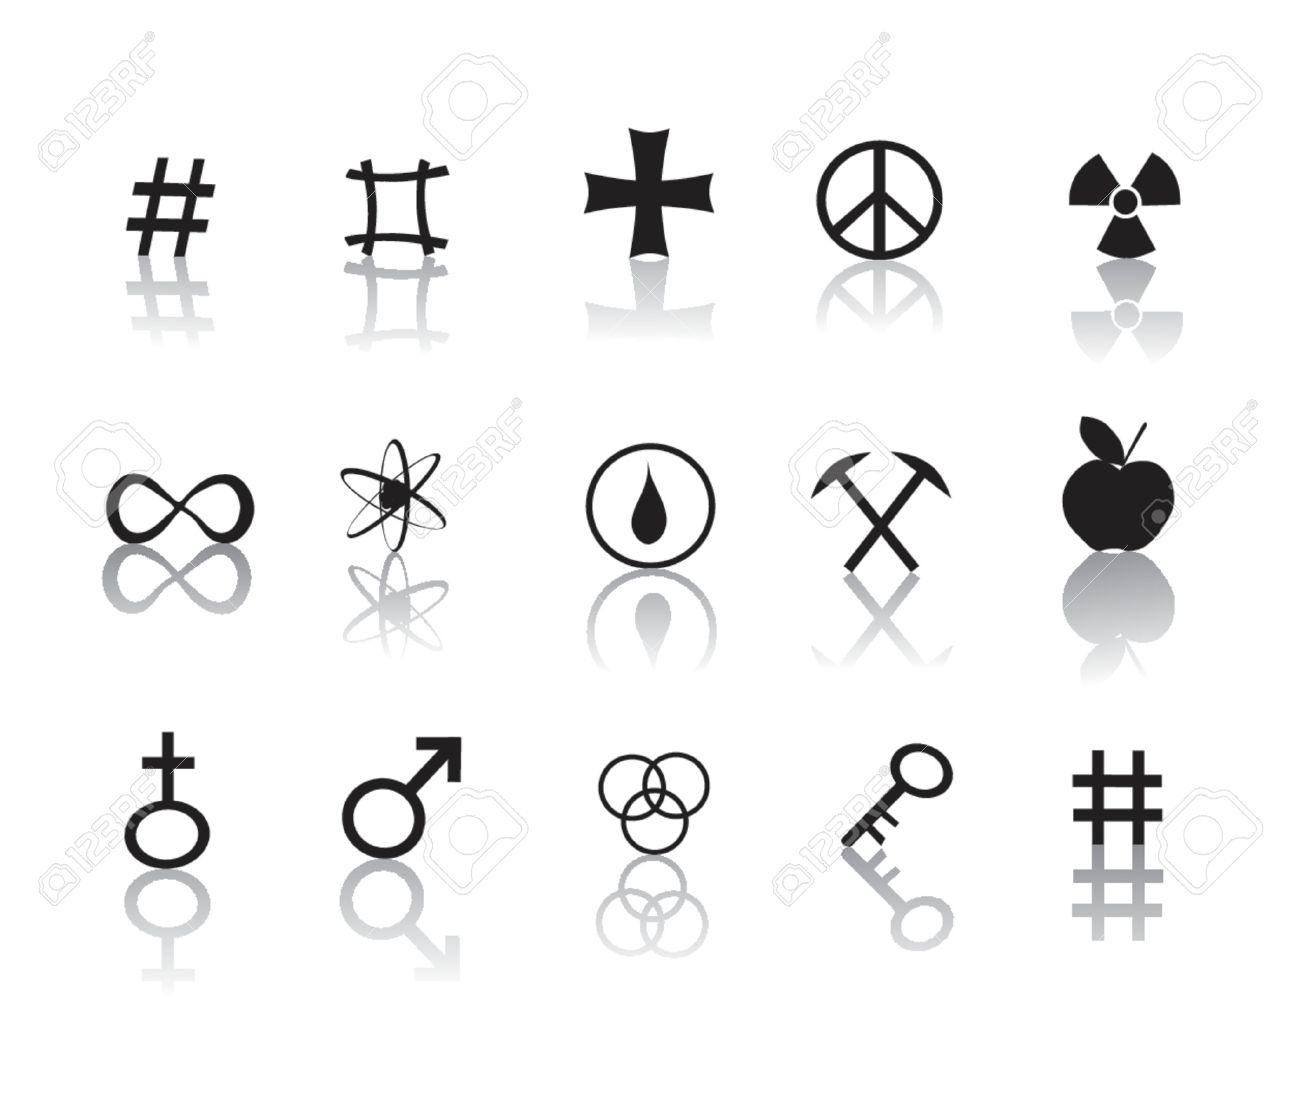 En Blanco Y Negro Signos Y Símbolos Iconos Ilustraciones Vectoriales